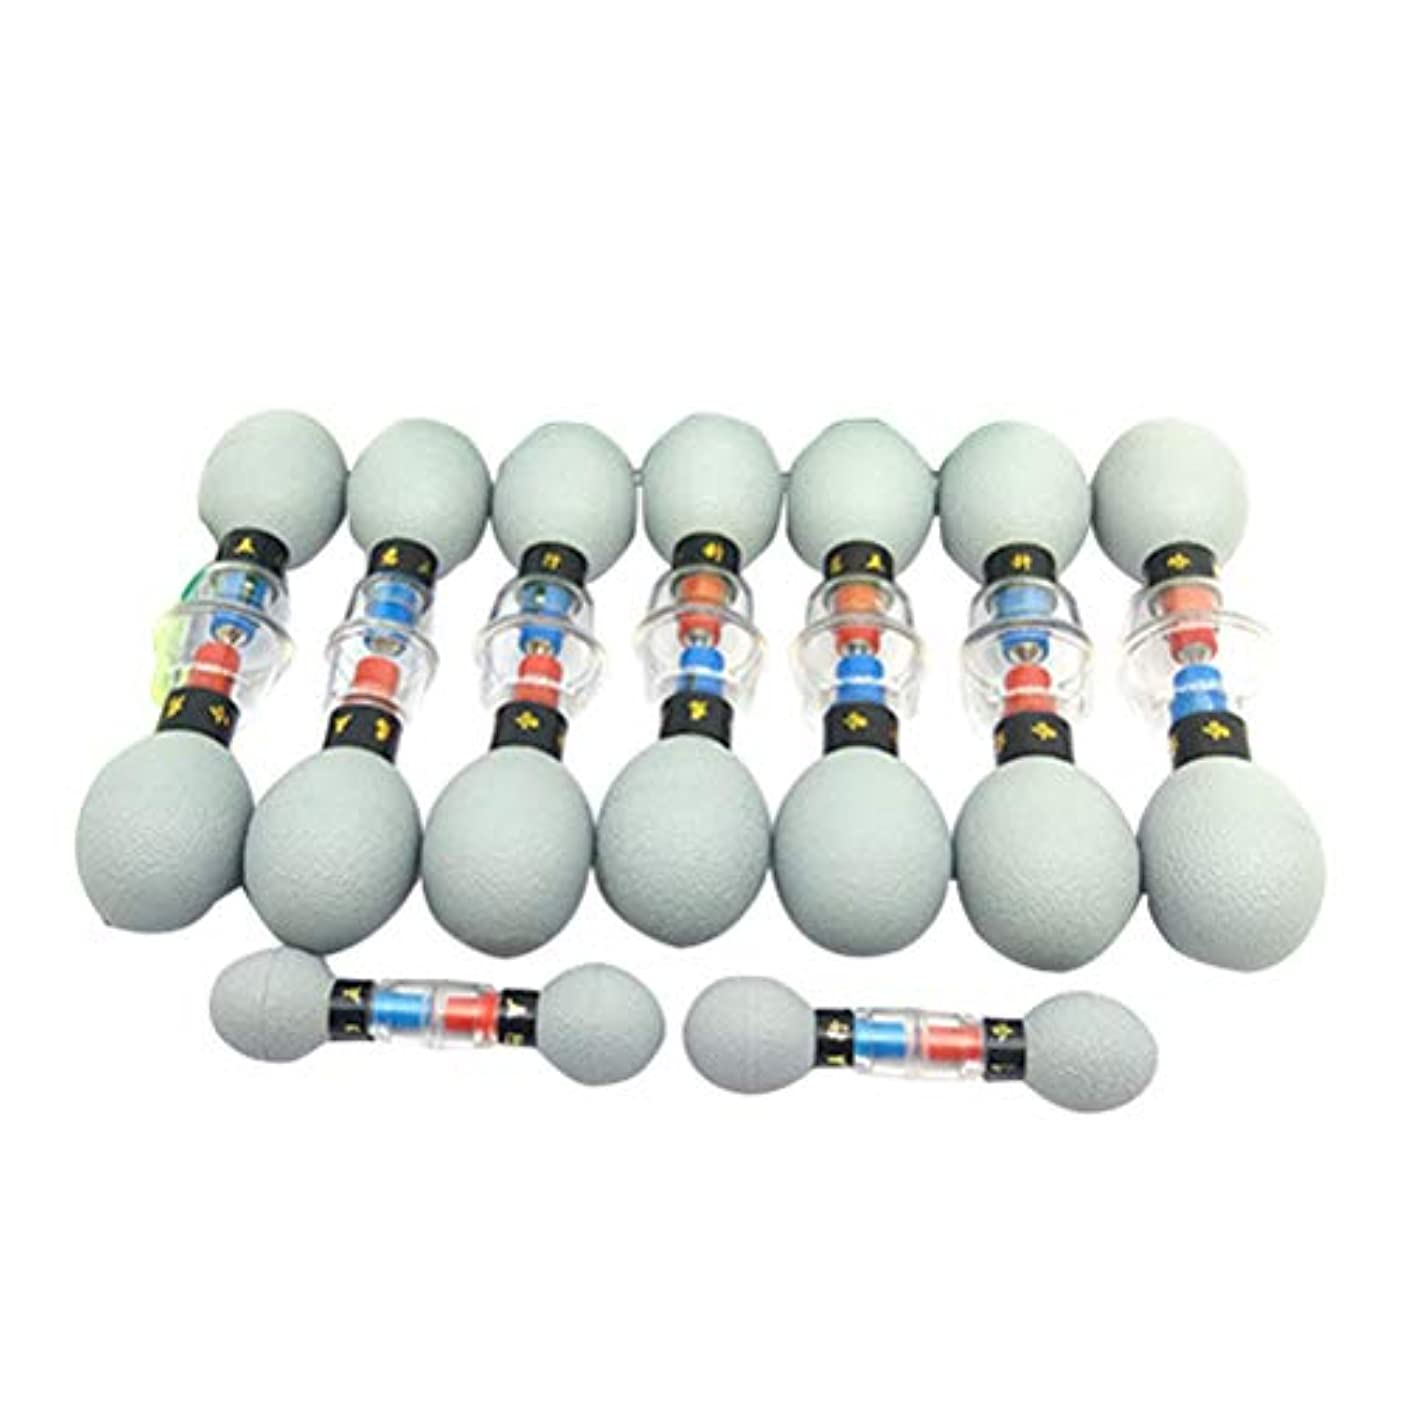 湿原レビュアーぴかぴかSUPVOX 中国のバイオ磁気カッピング療法セット真空吸引カッピング指圧療法ツール用痛み緩和18ピース